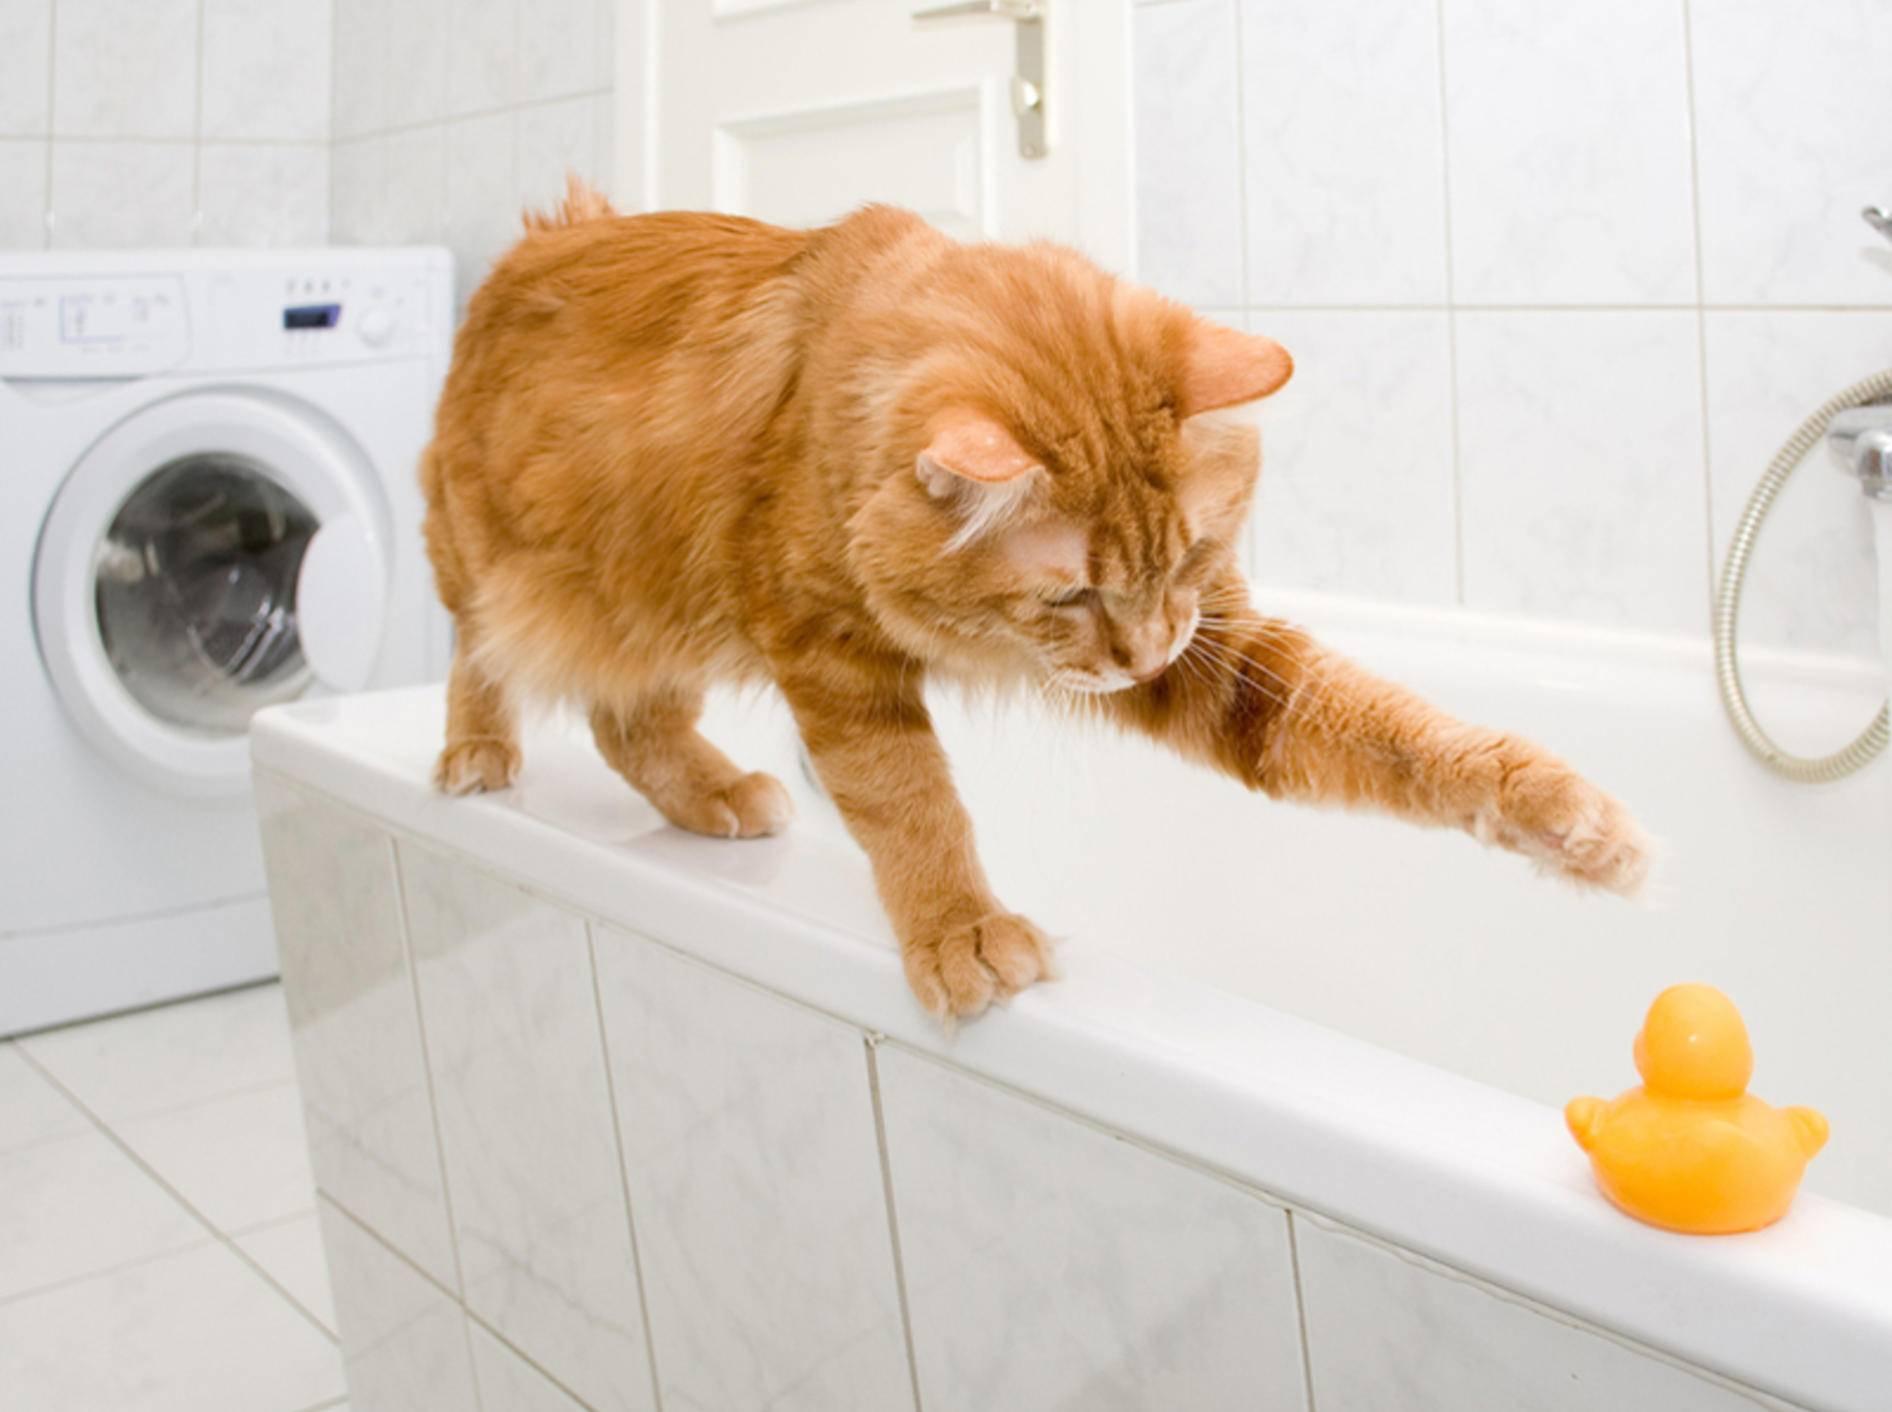 Bad und Küche sollten katzensicher sein, bevor sich der Stubentiger dort austobt – Bild: Shutterstock / Asasirov